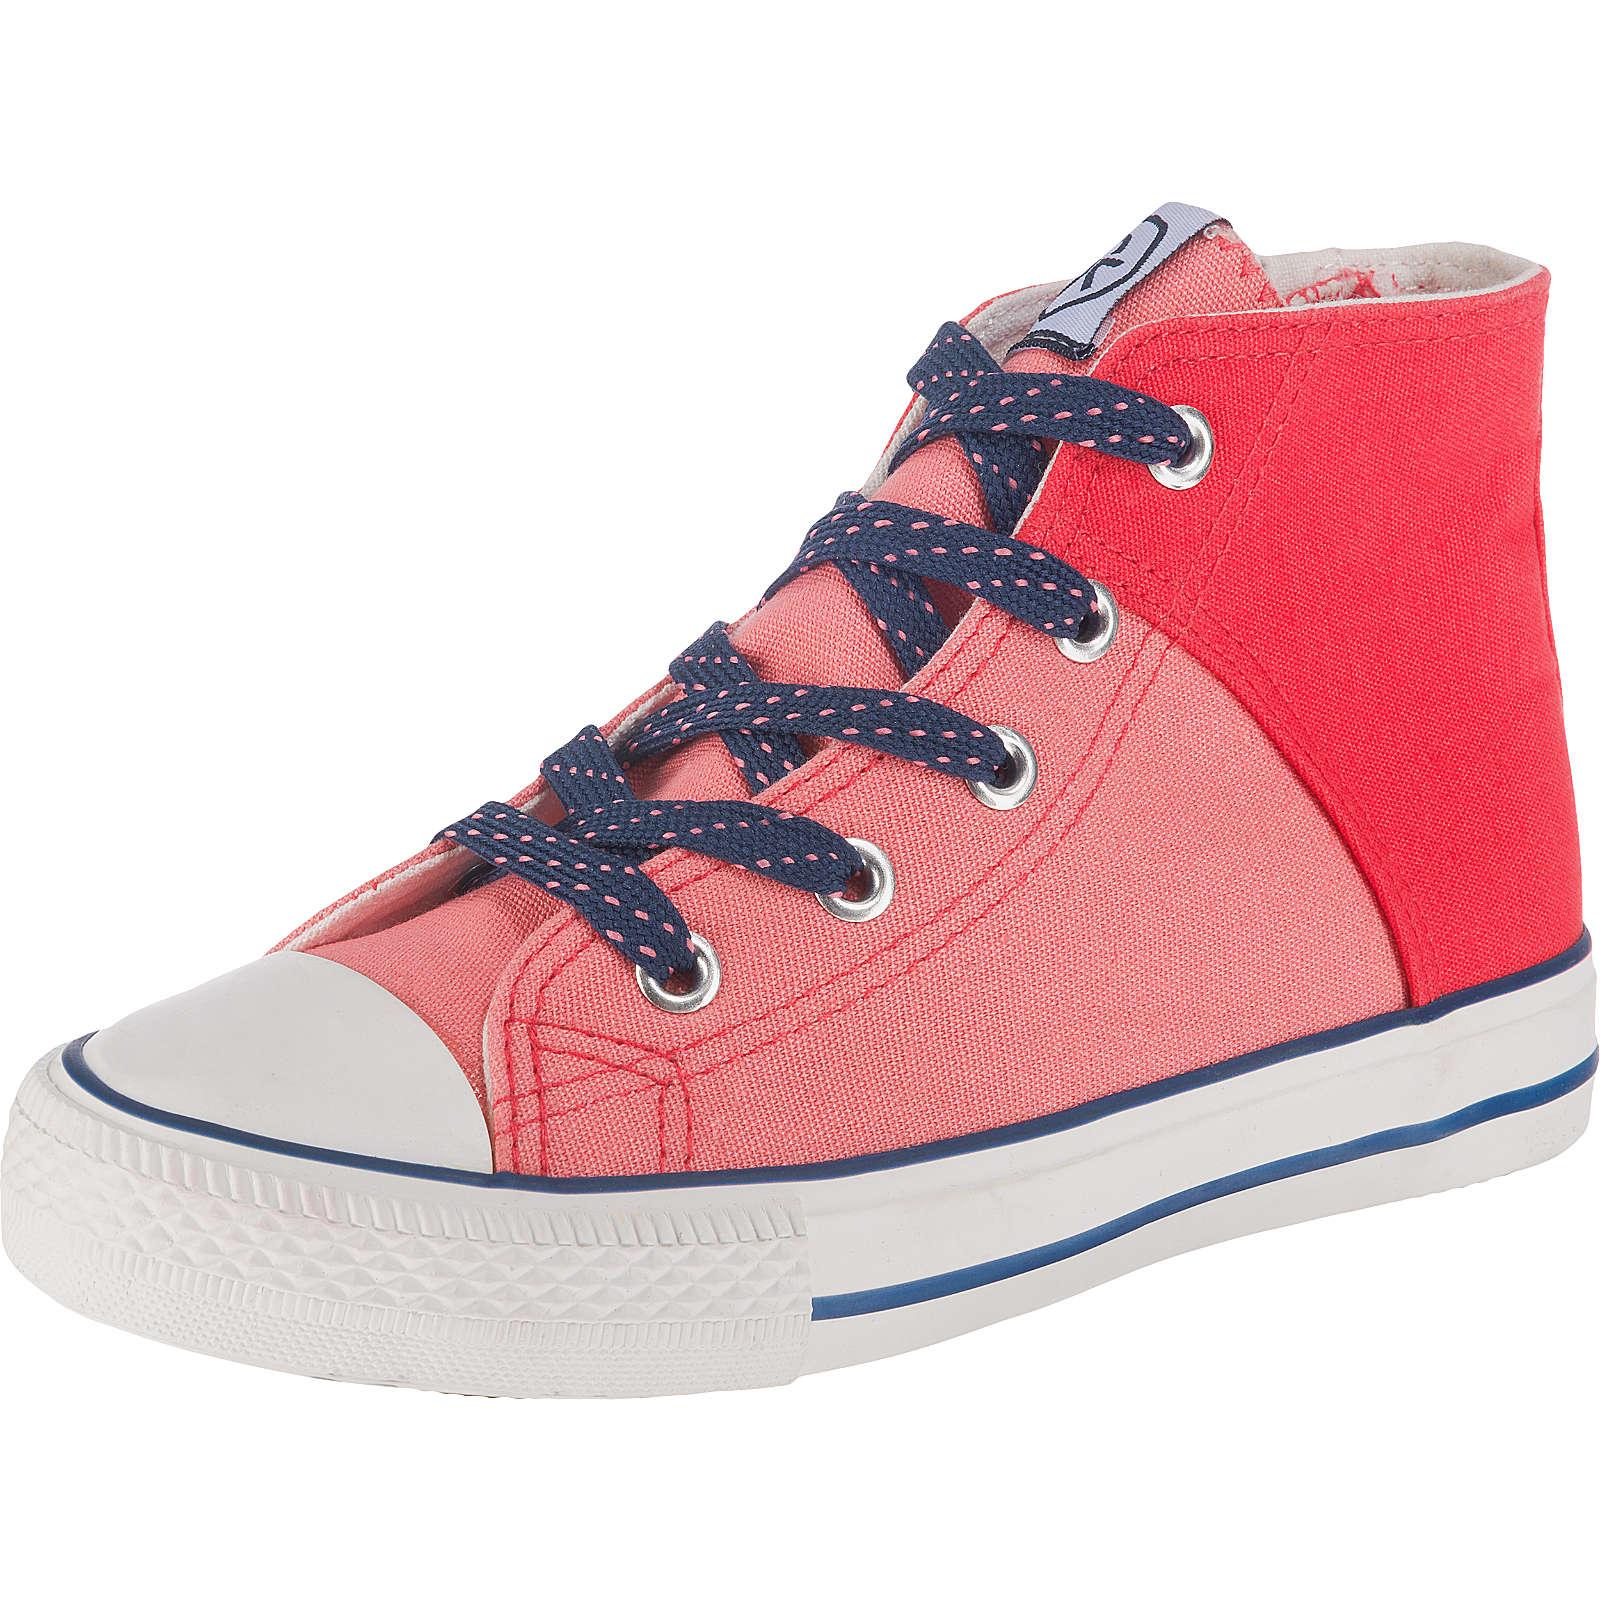 COLOR KIDS Kinder Sneakers High Vaage koralle Mädchen Gr. 25